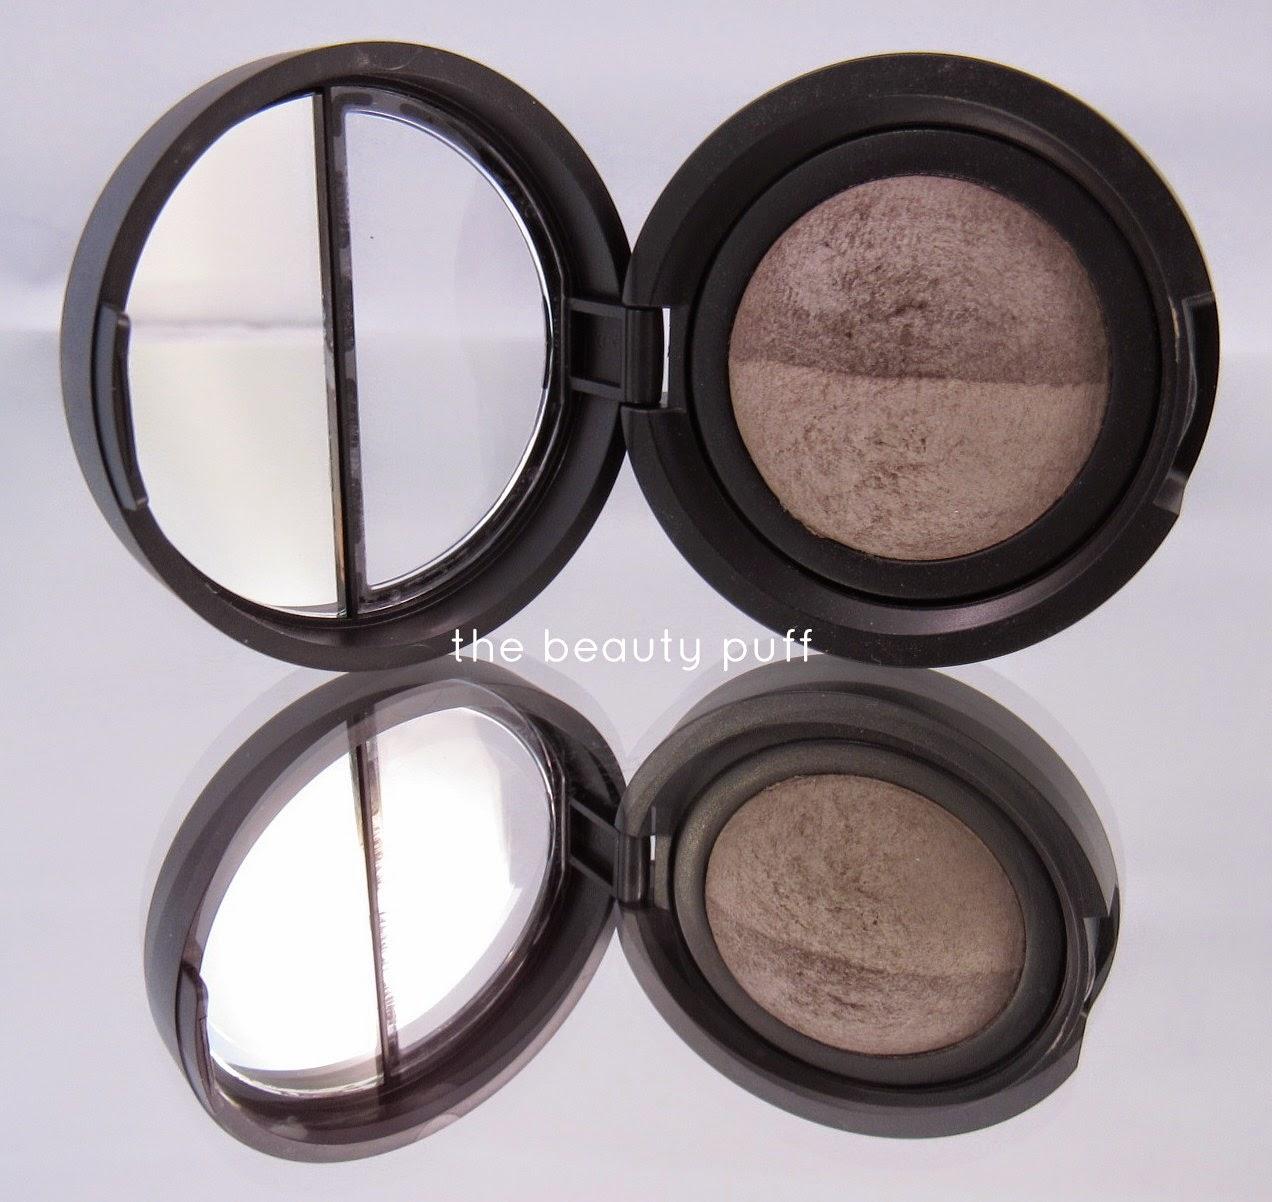 laura geller baked brow tones brunette - the beauty puff